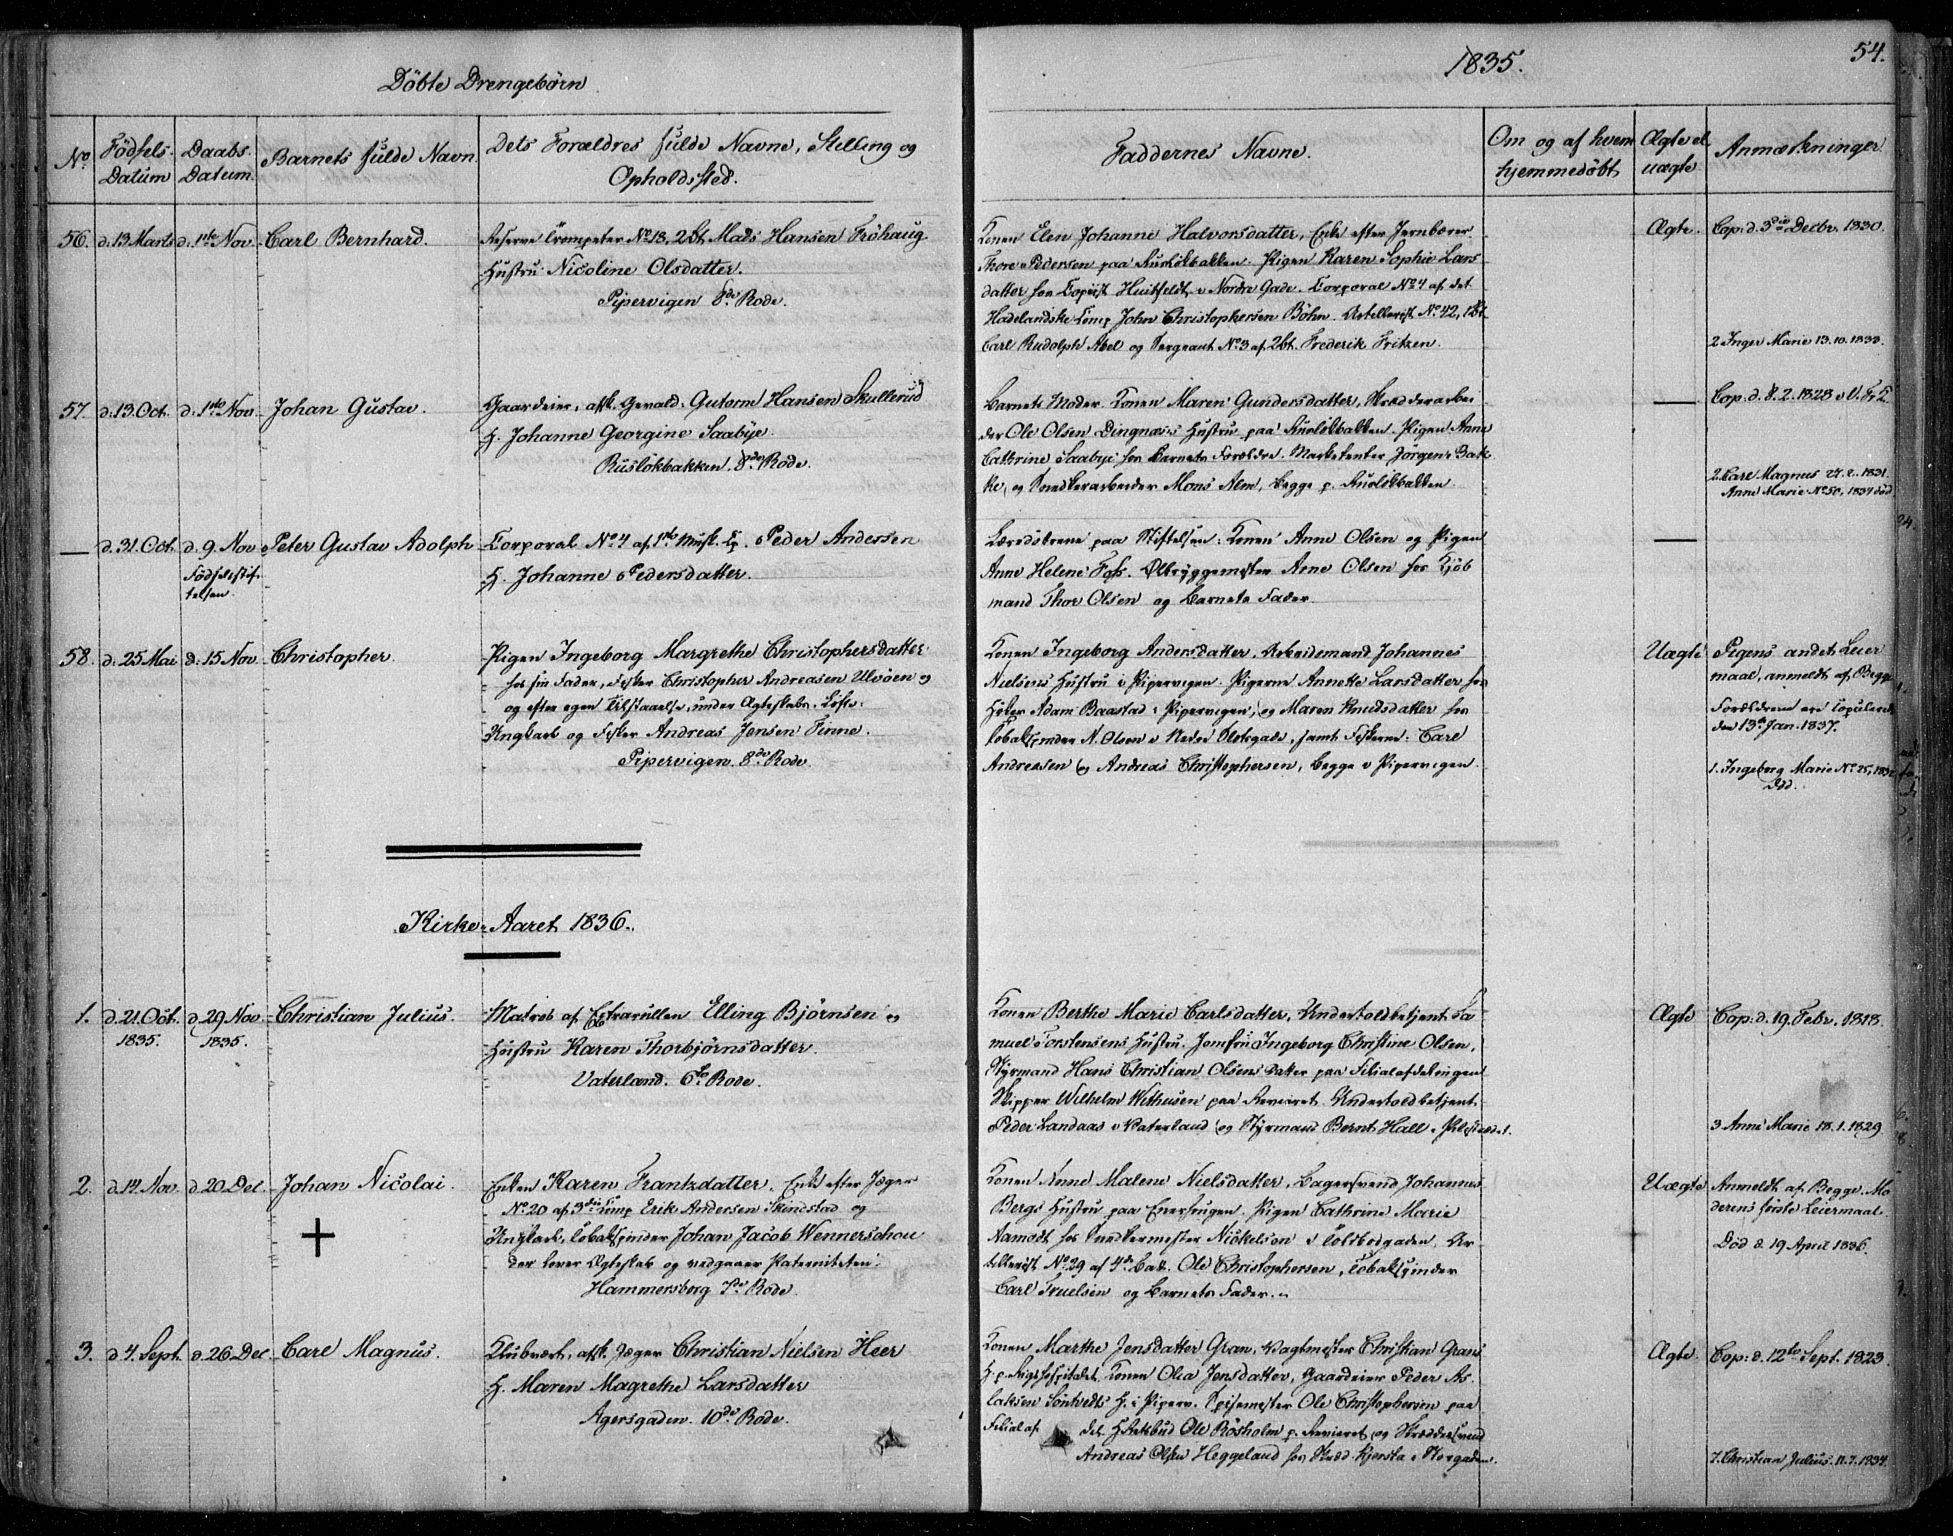 SAO, Garnisonsmenigheten Kirkebøker, F/Fa/L0006: Ministerialbok nr. 6, 1828-1841, s. 54